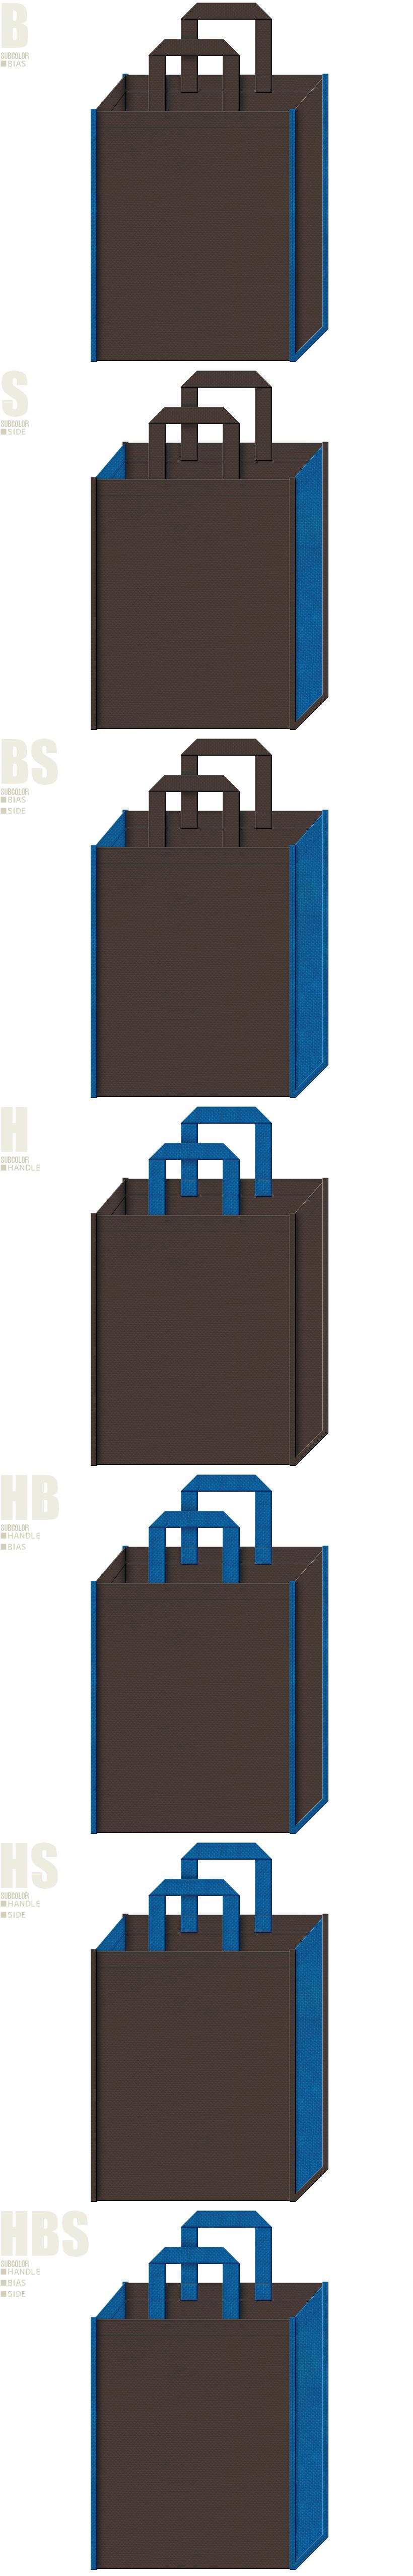 父の日ギフト用のショッピングバッグ・格闘ゲームにお奨めの不織布バッグデザイン:こげ茶色と青色の不織布バッグ配色7パターン。